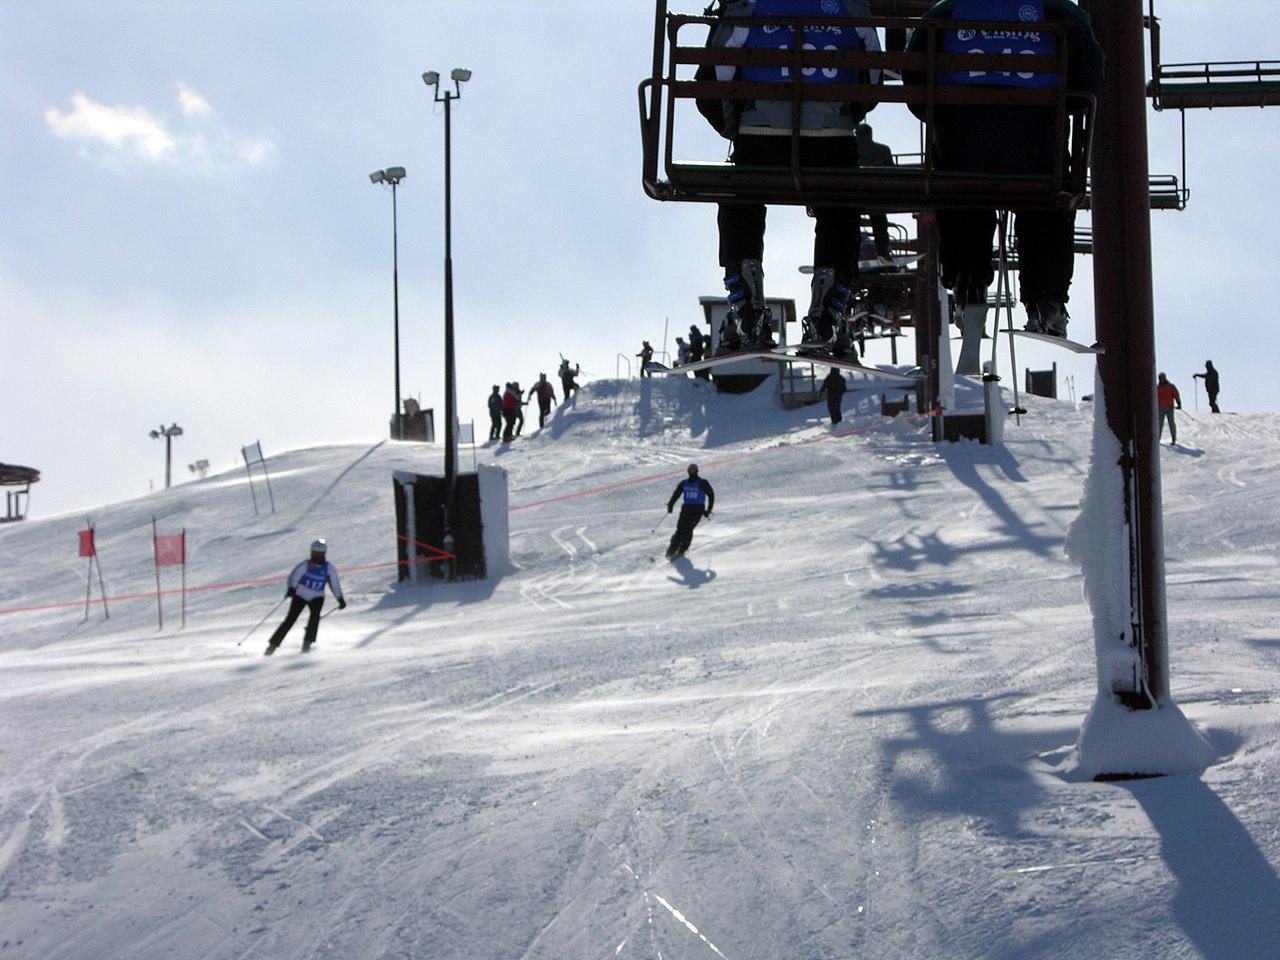 Outdoor Adventures In Illinois - Wilmot Mountain Ski Resort